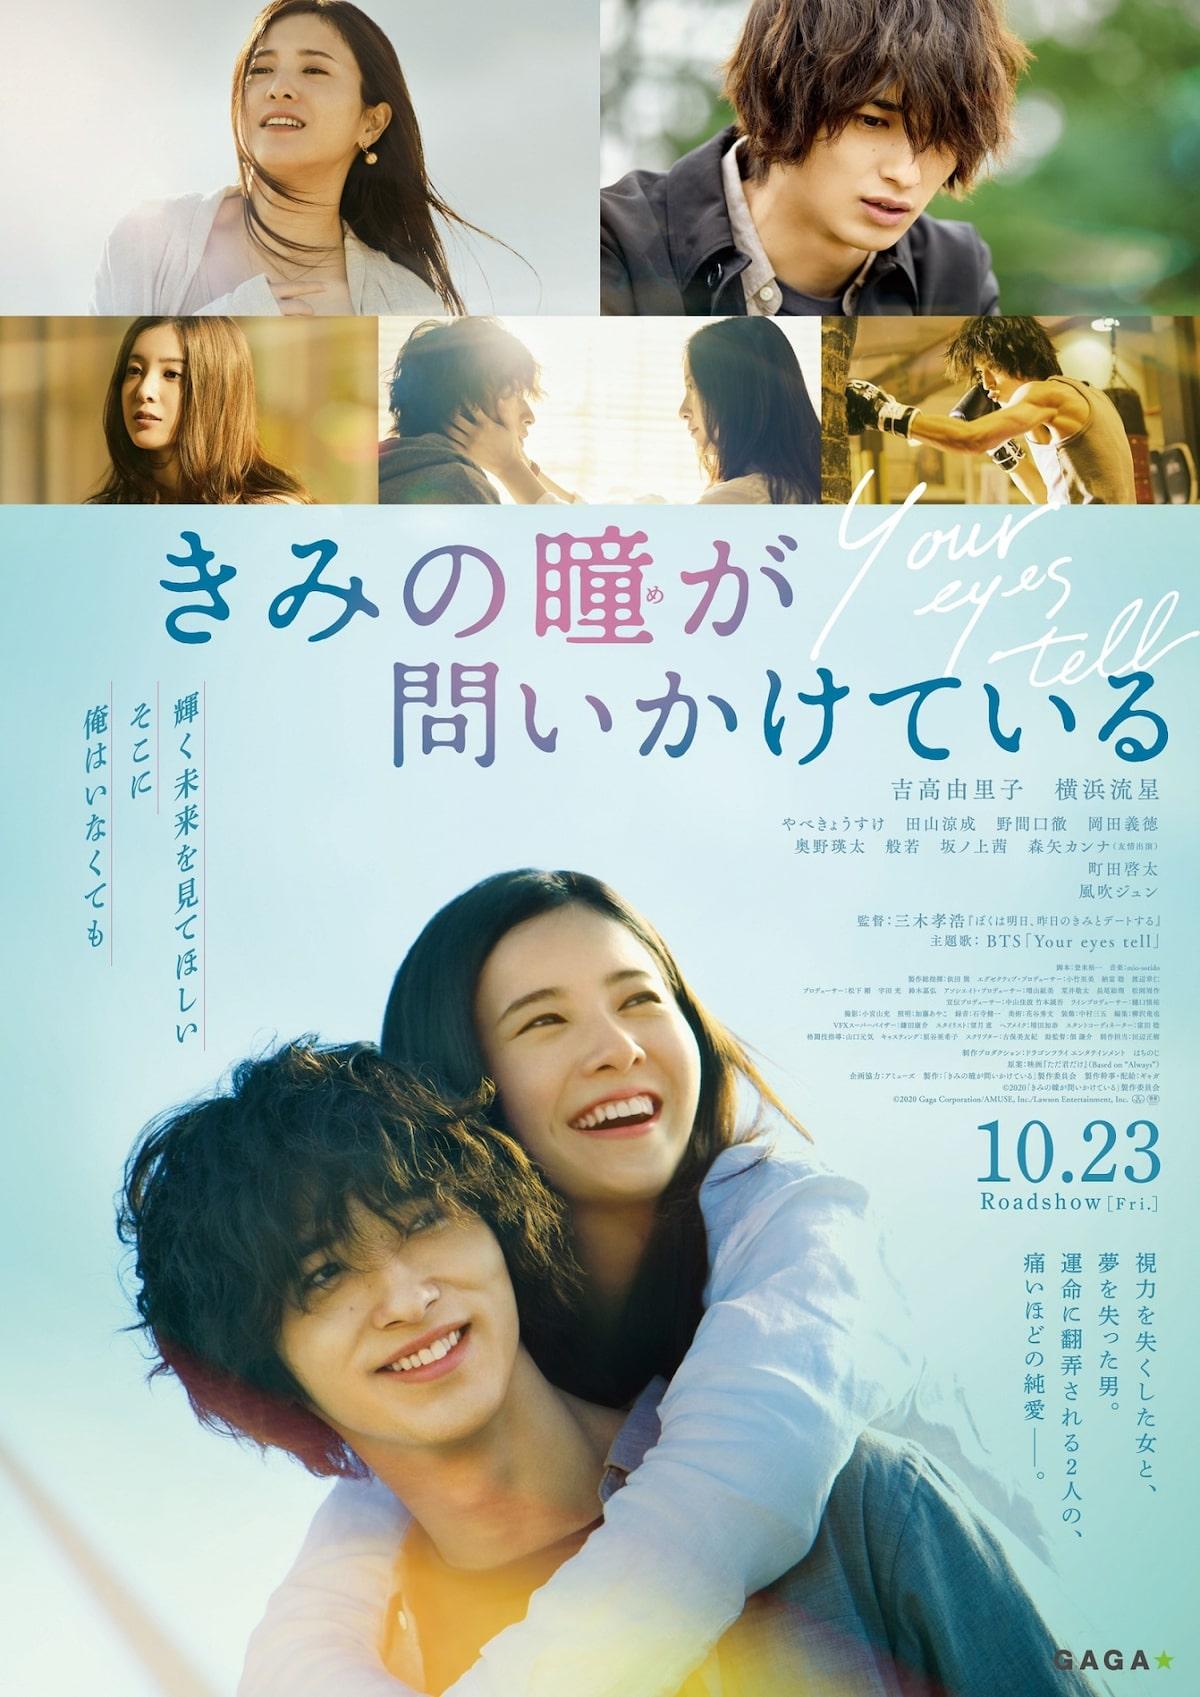 流星 映画 bts 横浜